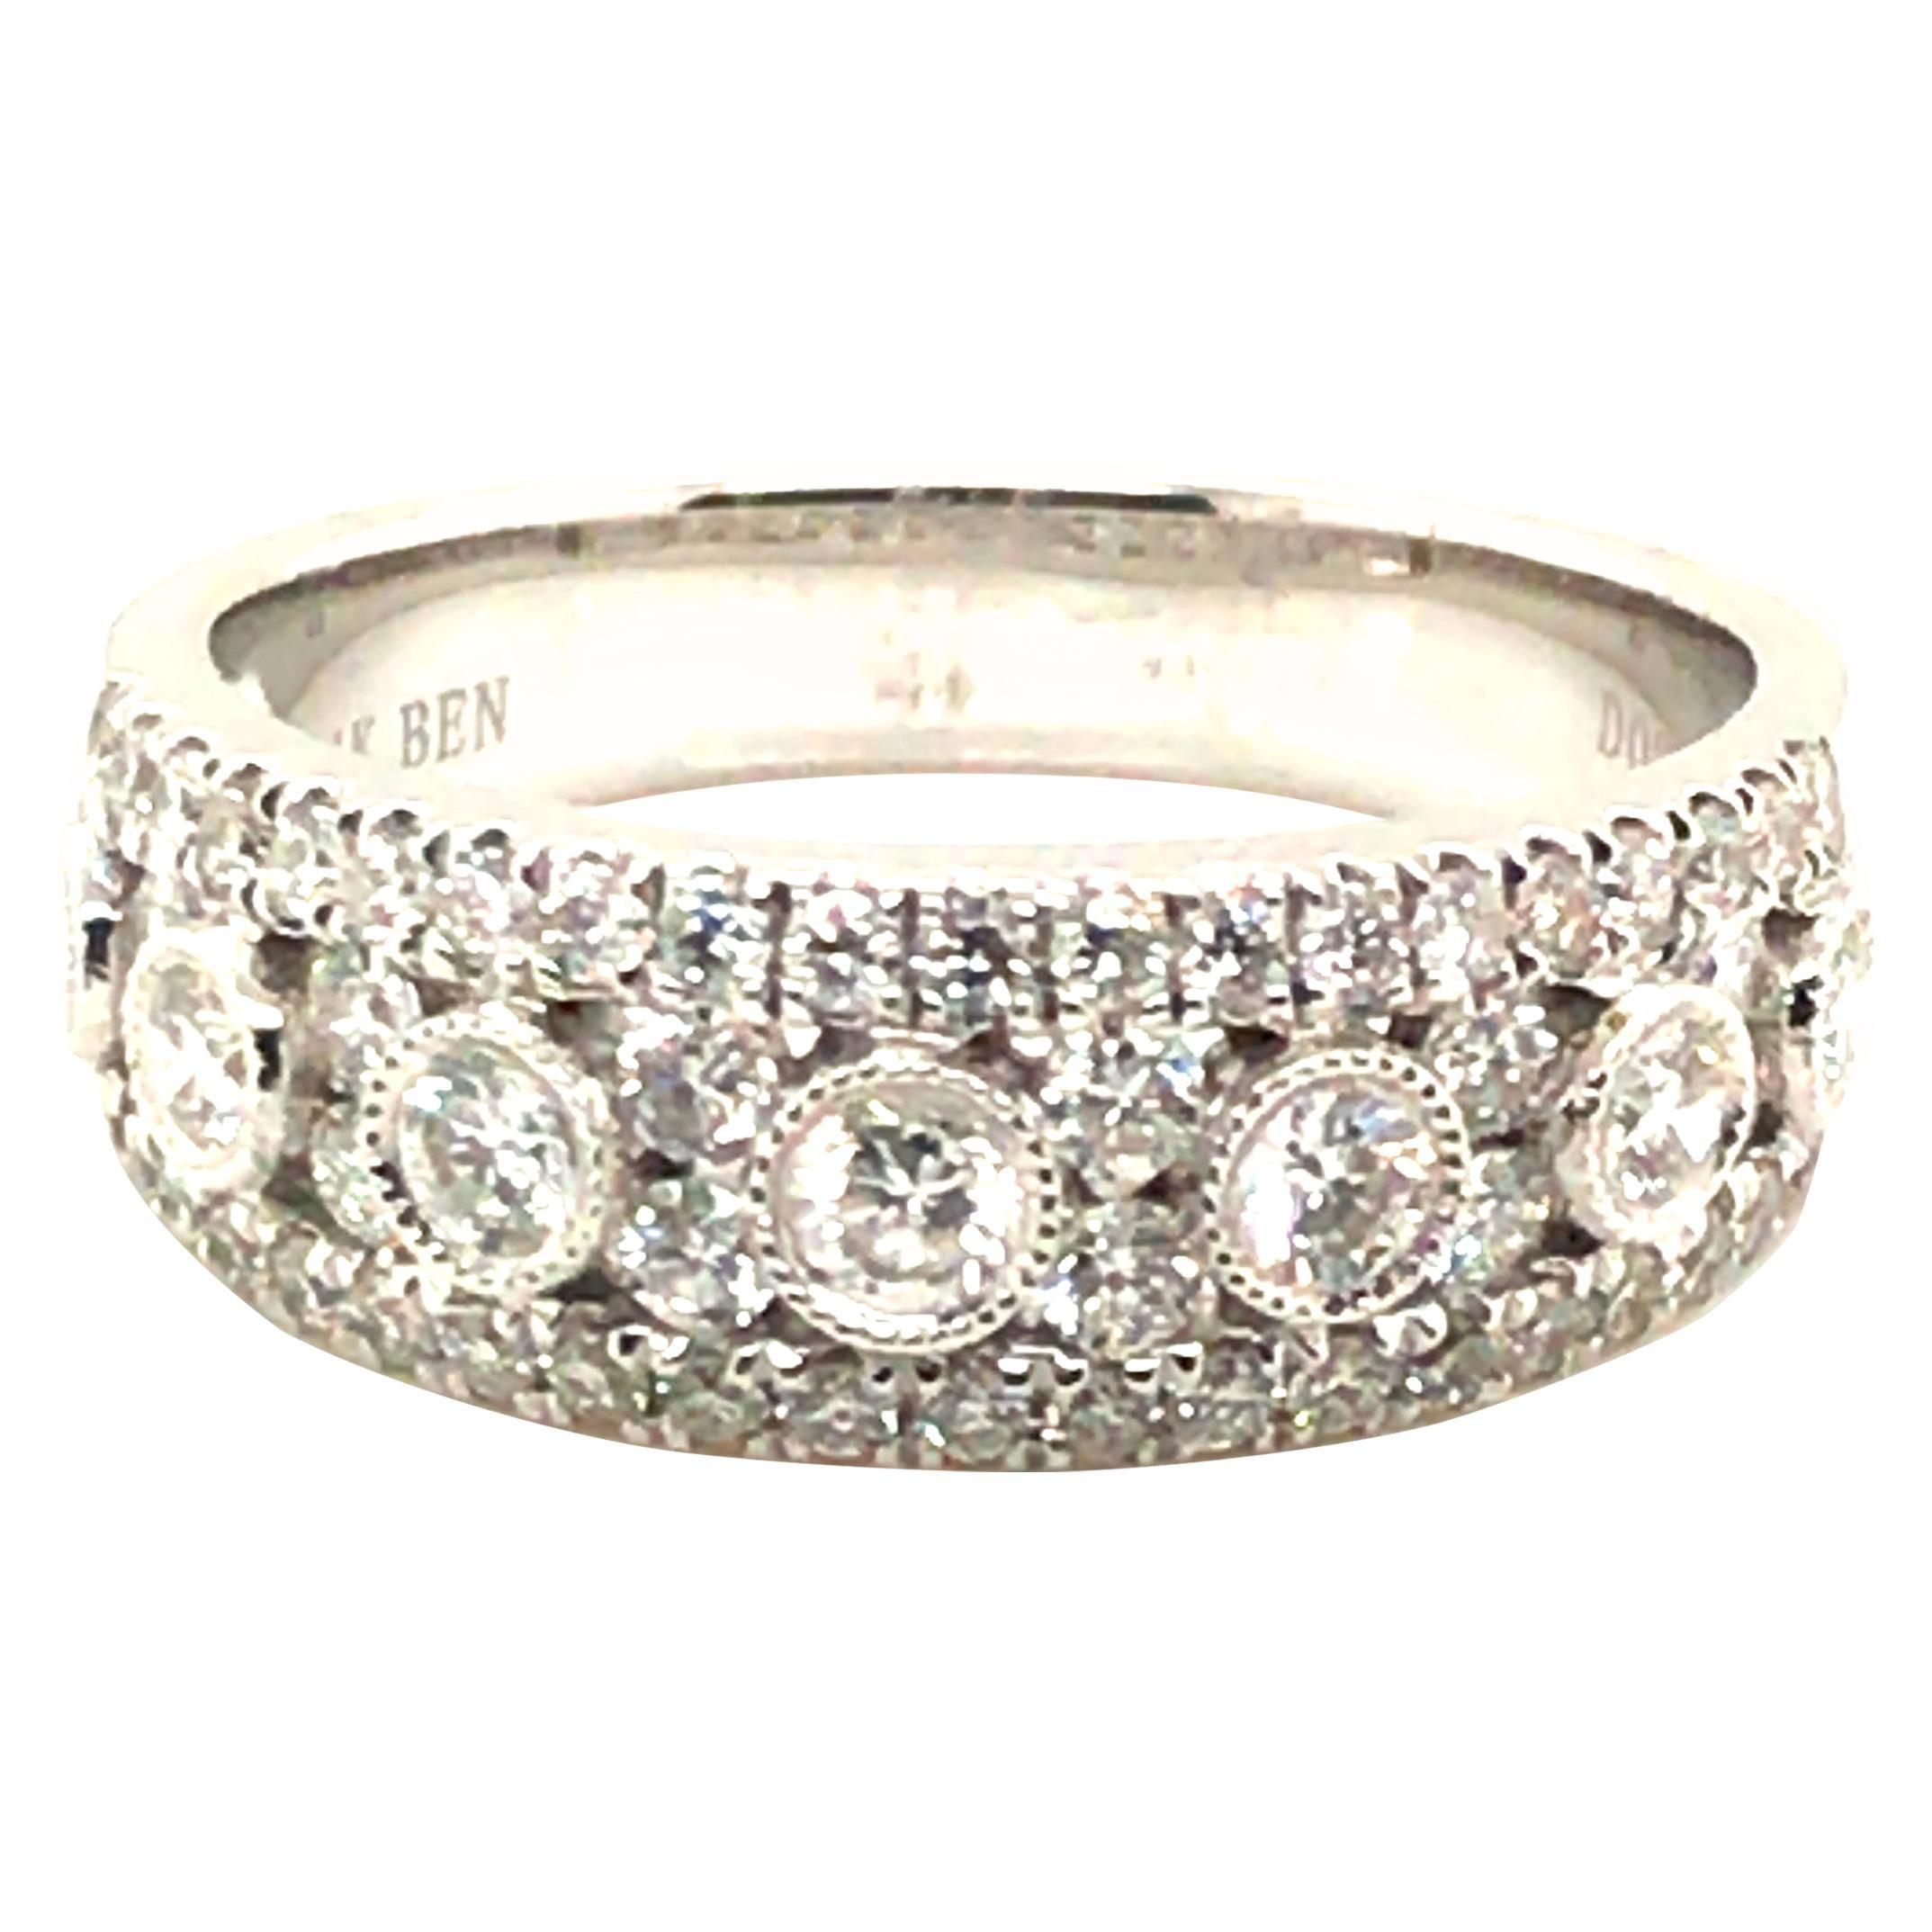 0.87 Carat Fashion Diamond Band Ring with 14 Karat White Gold